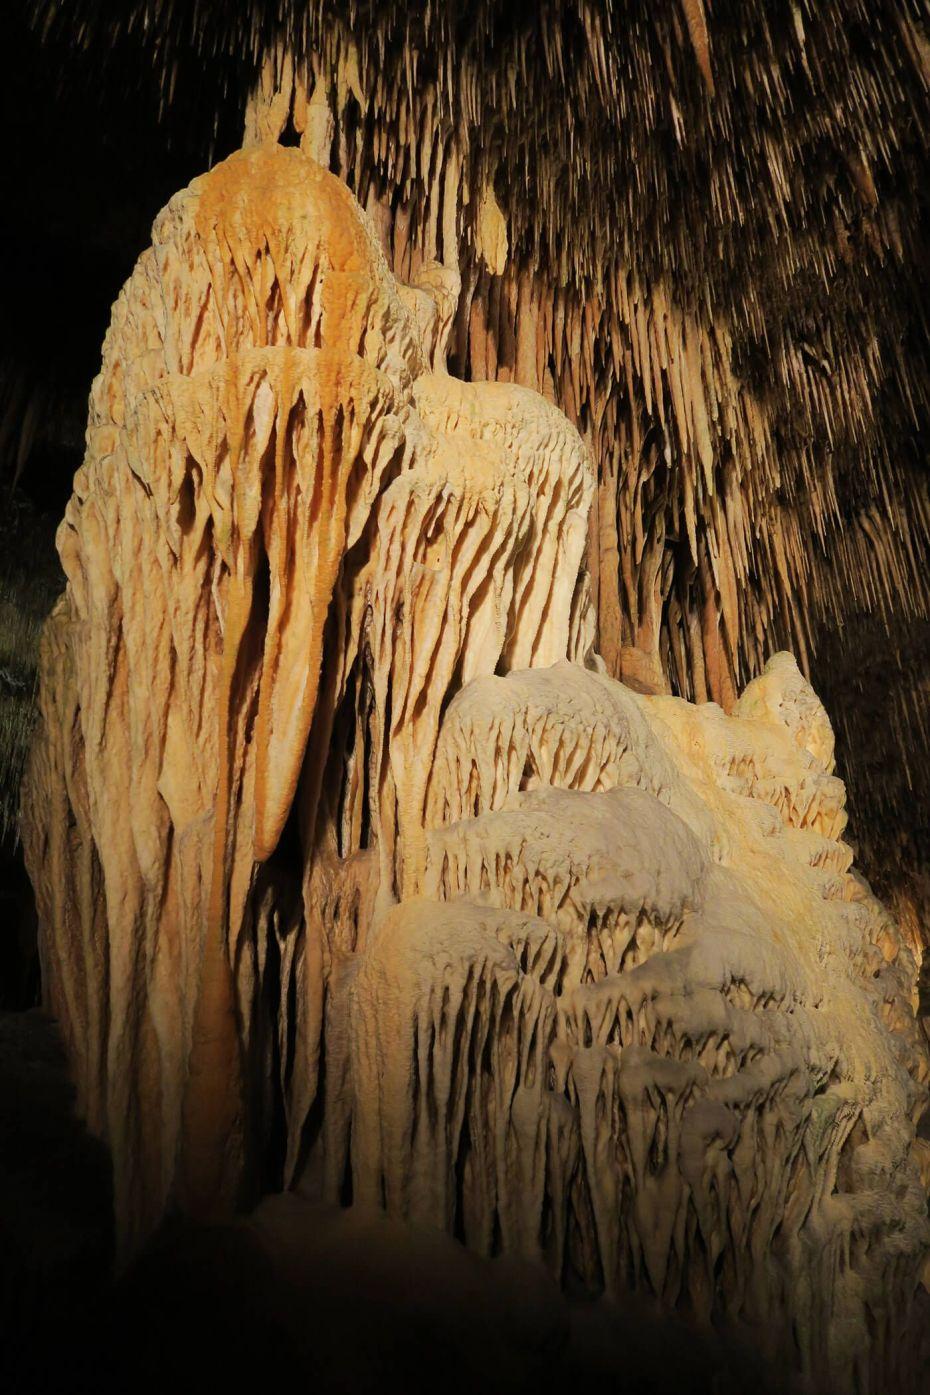 Formaciones geológicas en las Cuevas del Drach en Mallorca, España